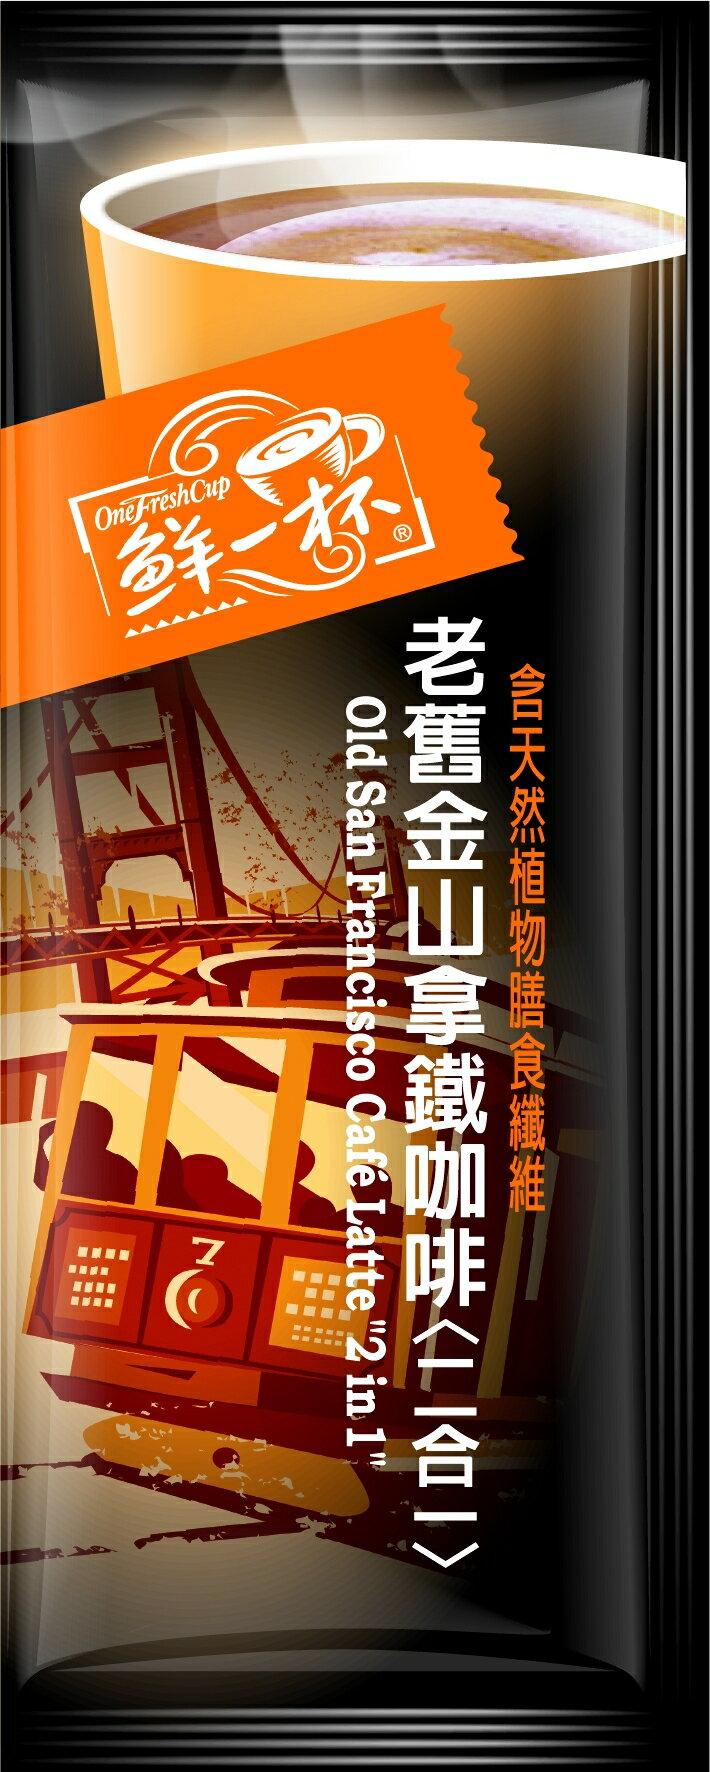 【買一送一】 鮮一杯老舊金山拿鐵咖啡二合一(20gx12入) 1